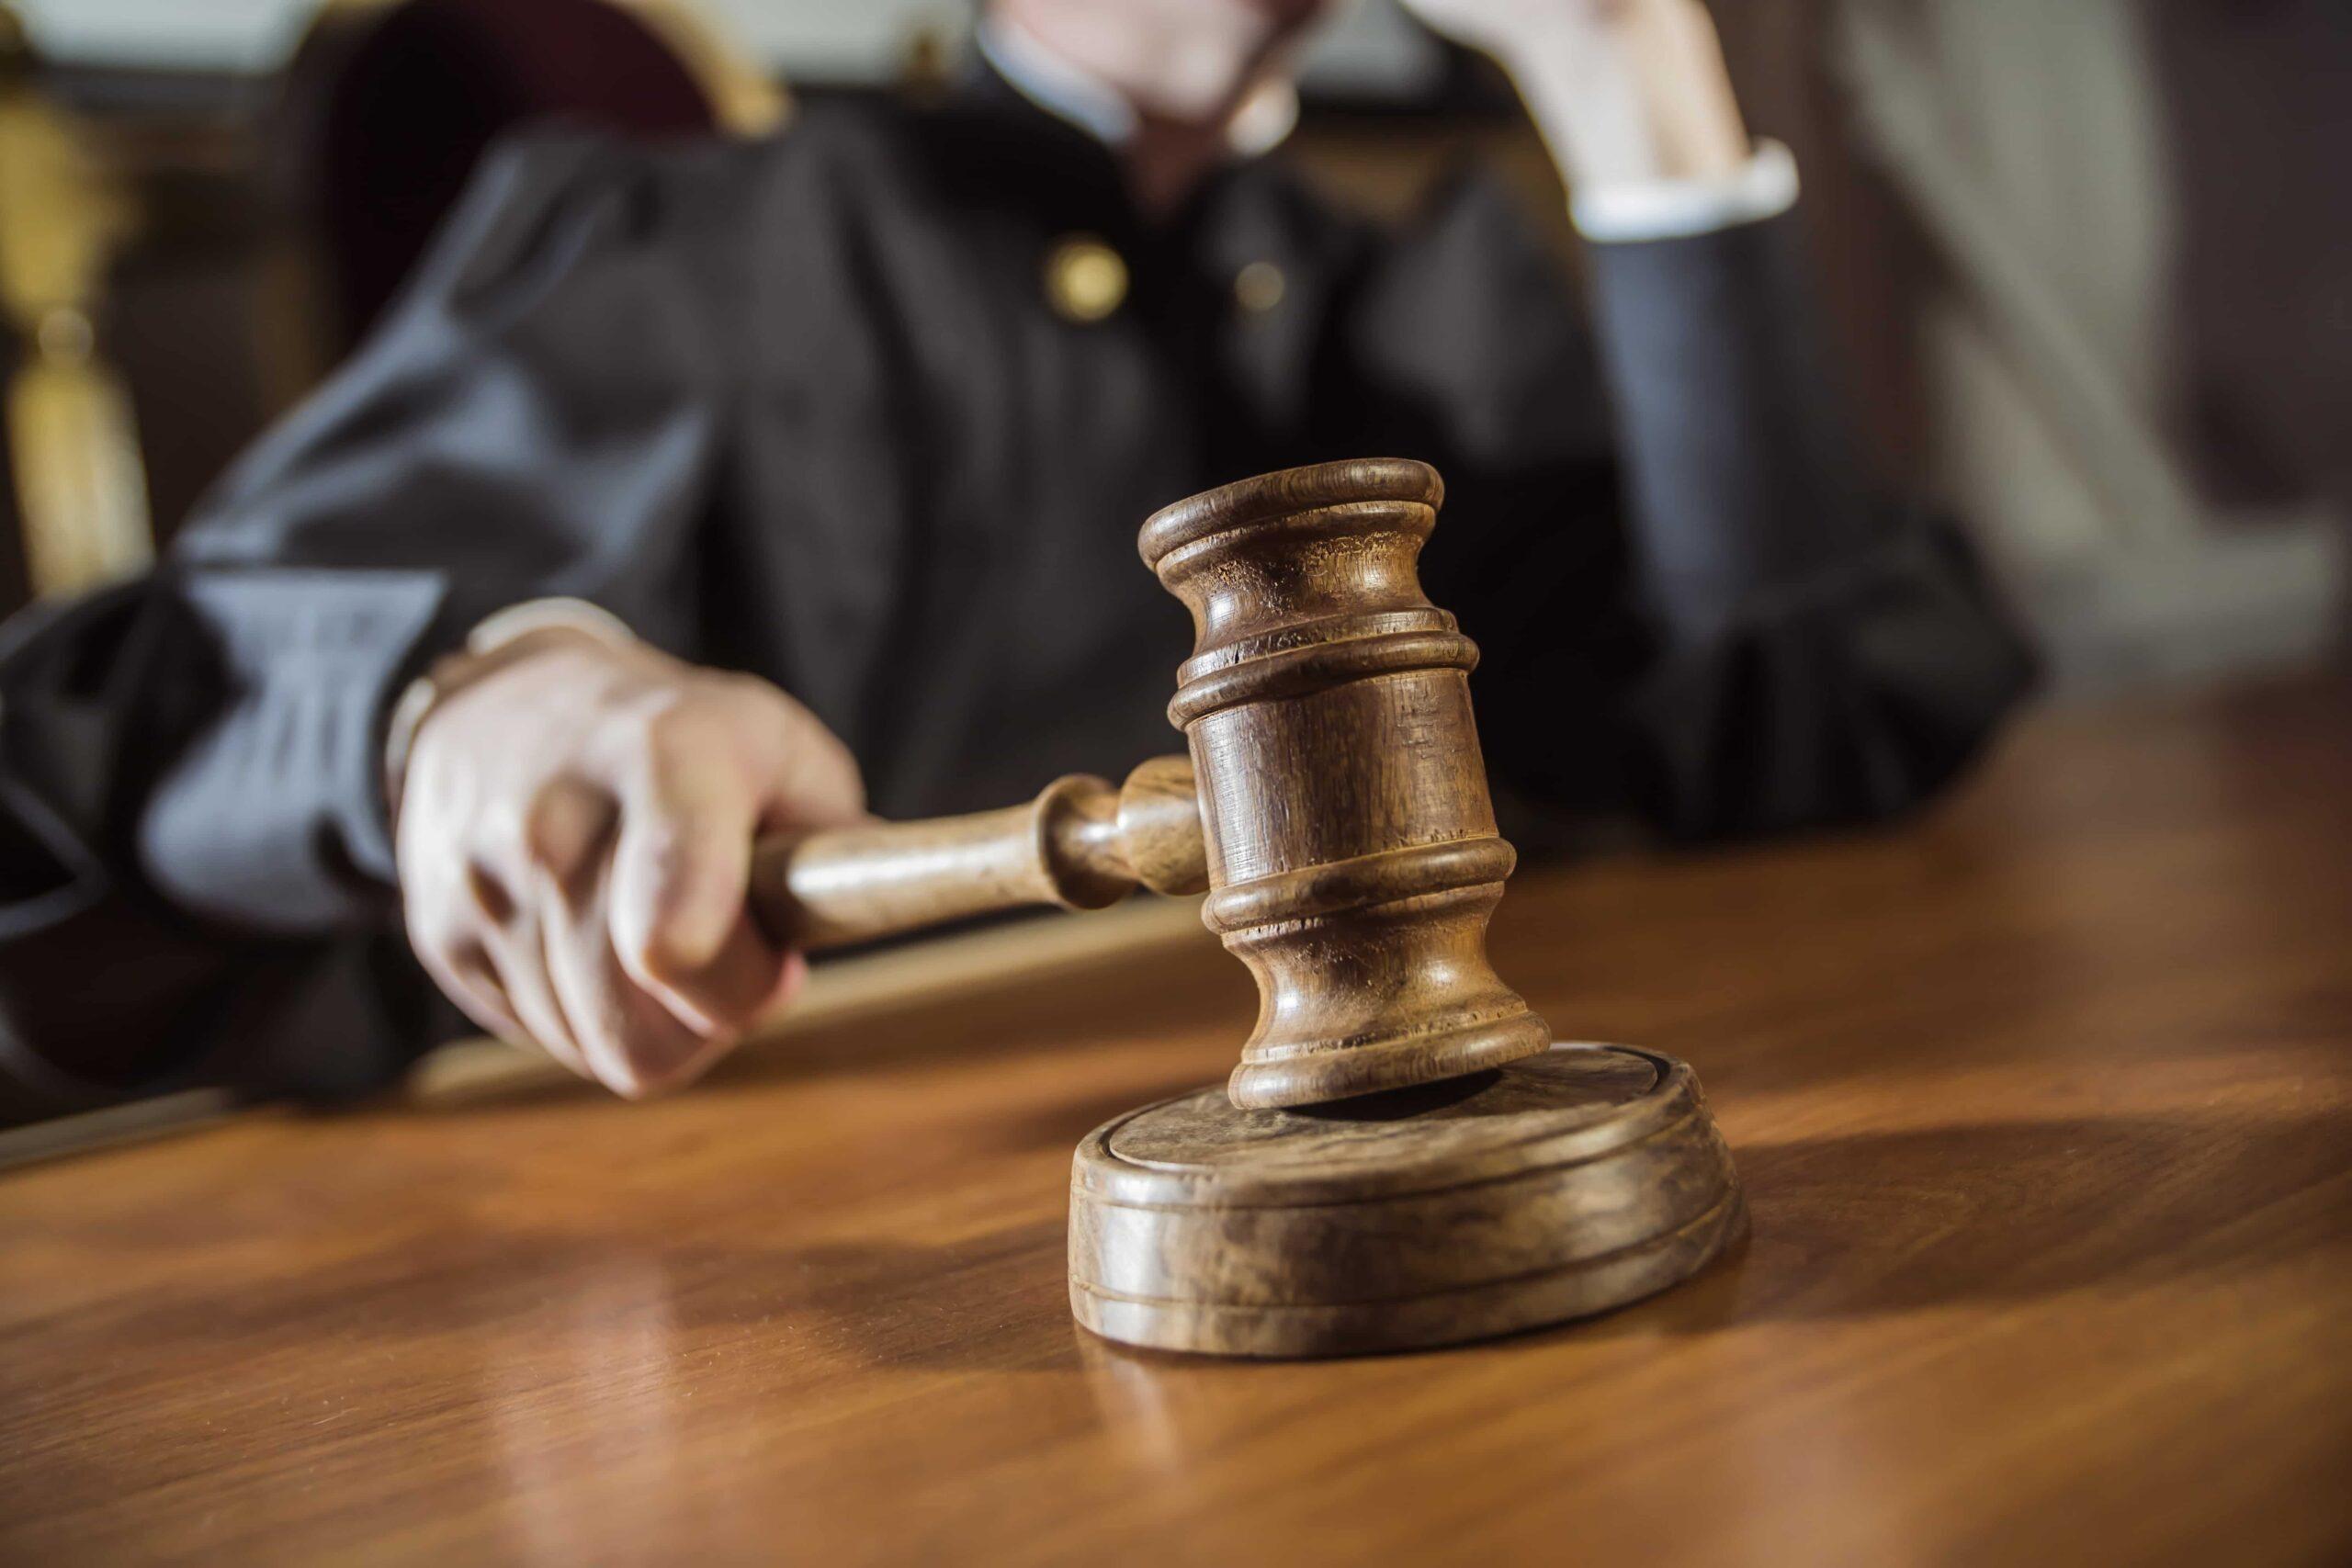 Rechter: gemeente mag pro-life waken beperkingen opleggen